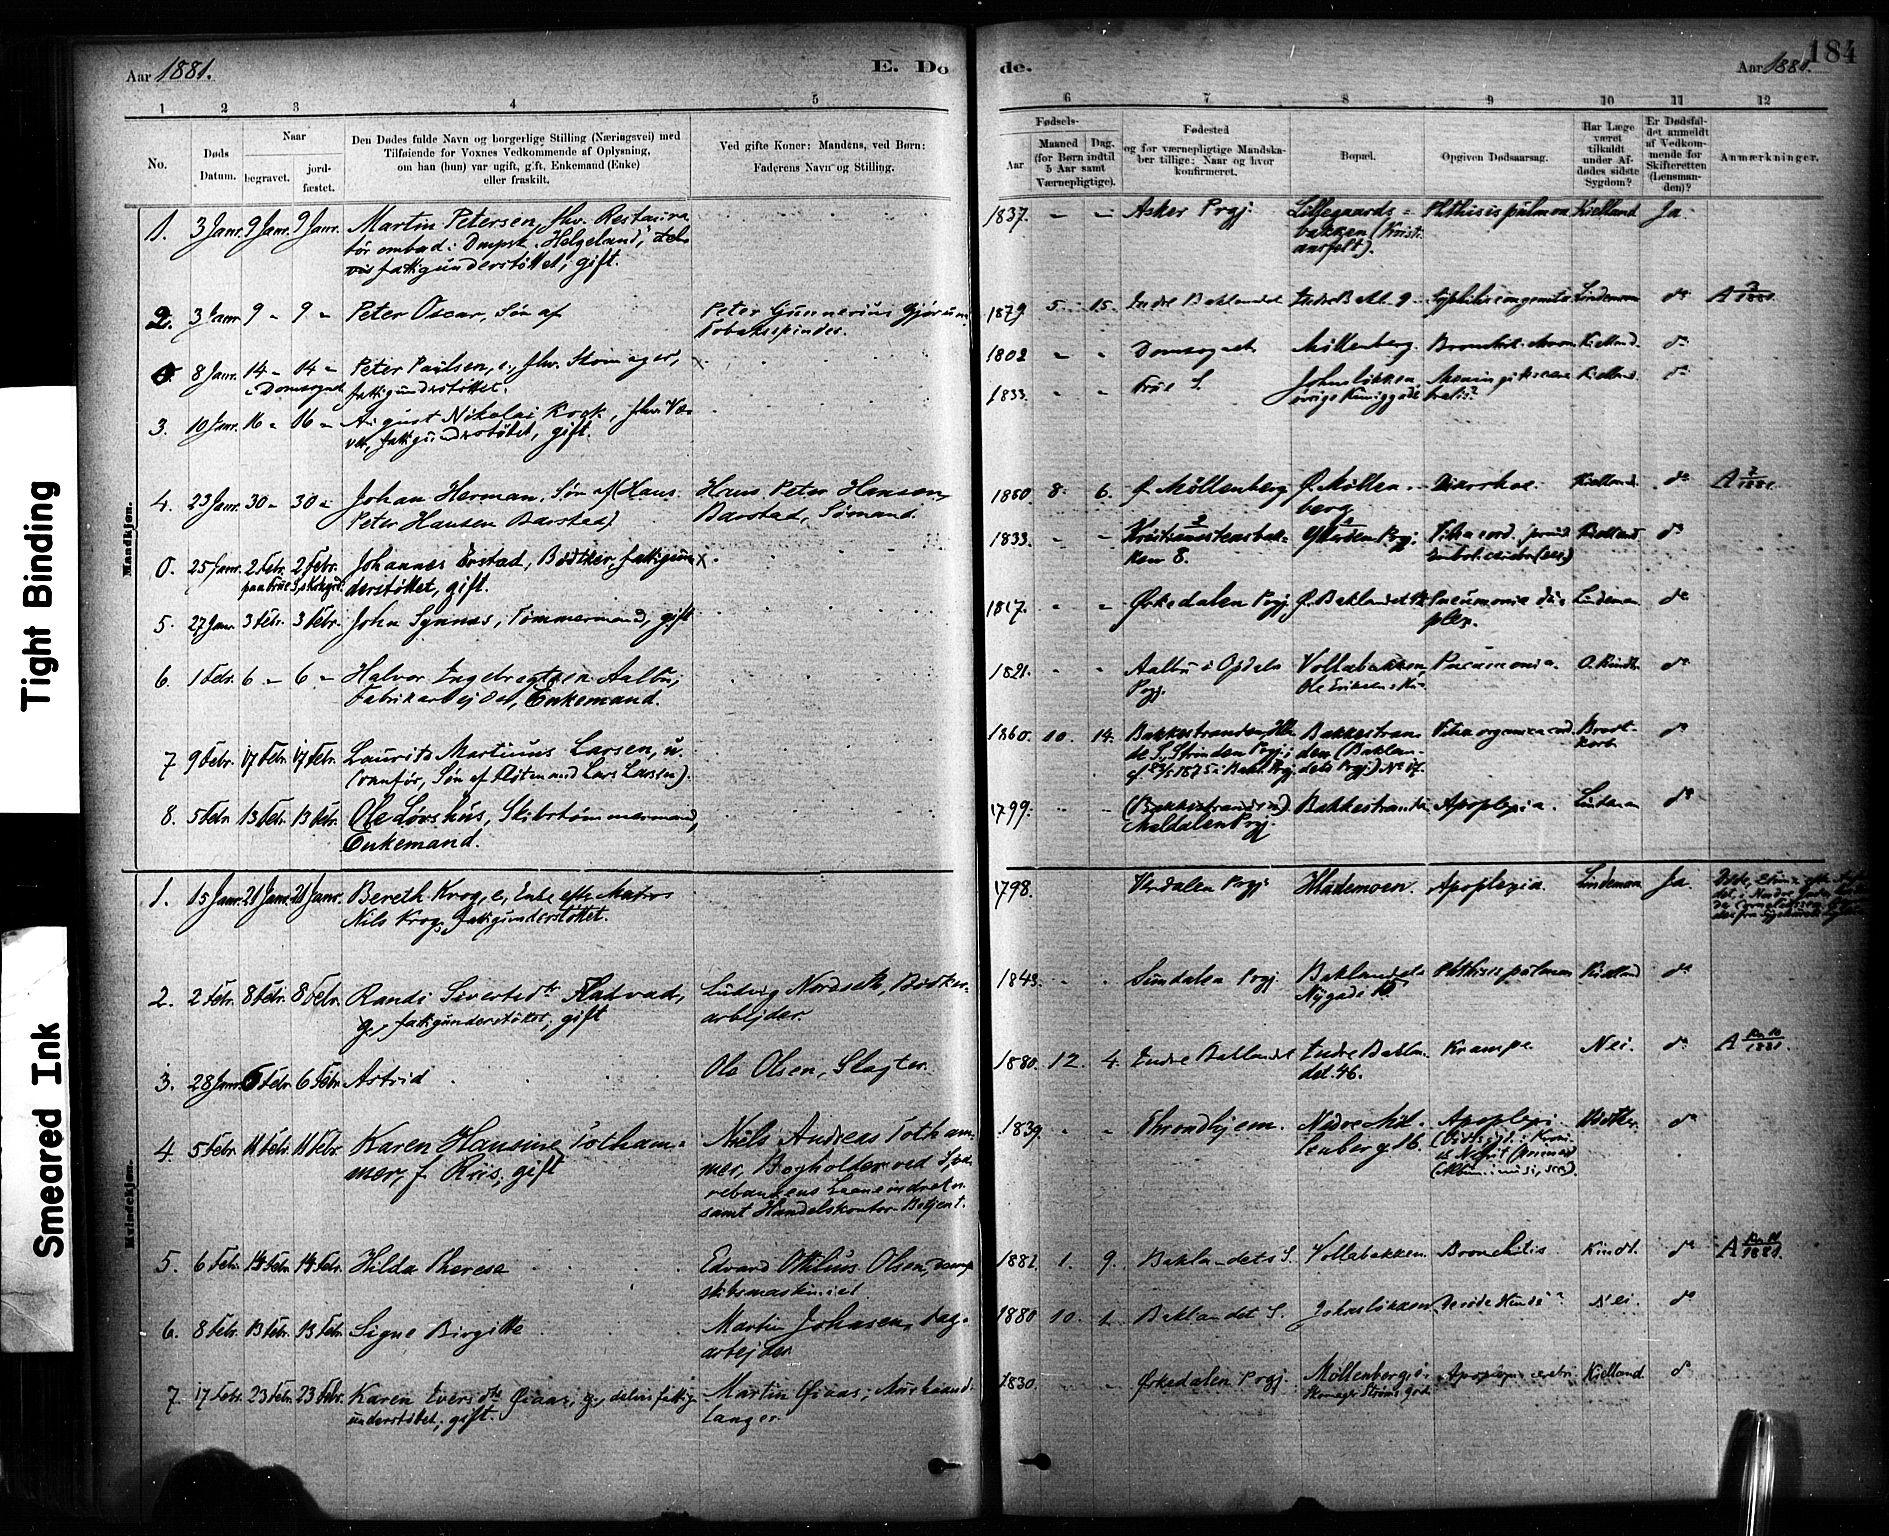 SAT, Ministerialprotokoller, klokkerbøker og fødselsregistre - Sør-Trøndelag, 604/L0189: Ministerialbok nr. 604A10, 1878-1892, s. 184